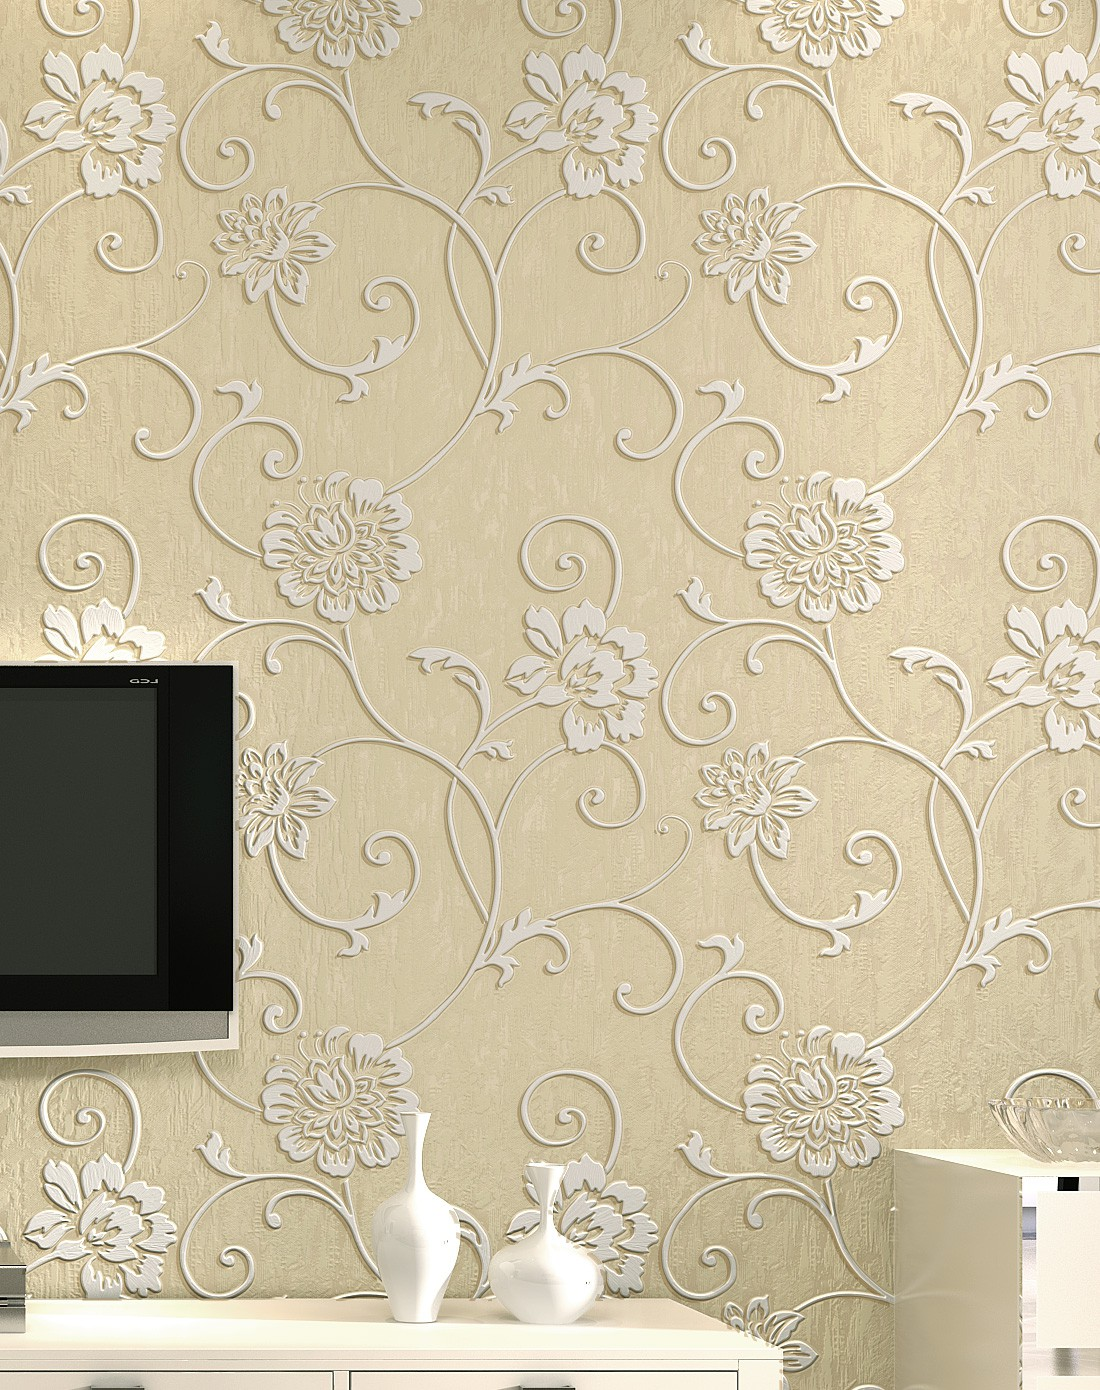 纸尚美学墙纸专场象牙色立体浮雕3d欧式简约风格壁纸图片